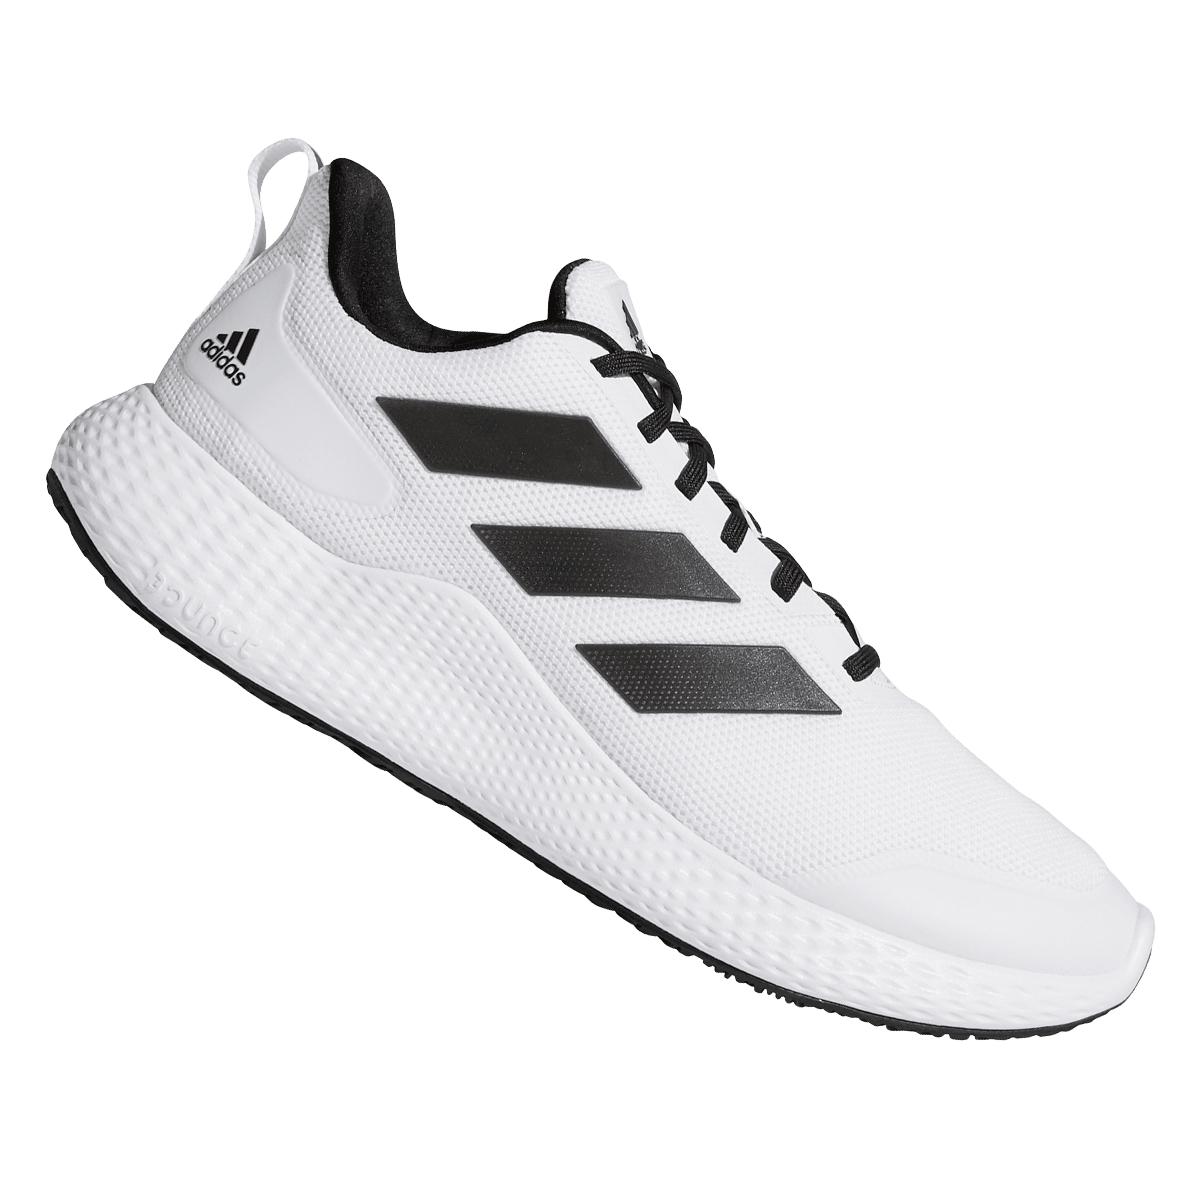 adidas Laufschuh edge gameday weiß/schwarz (Größen 40 2/3 bis 48)